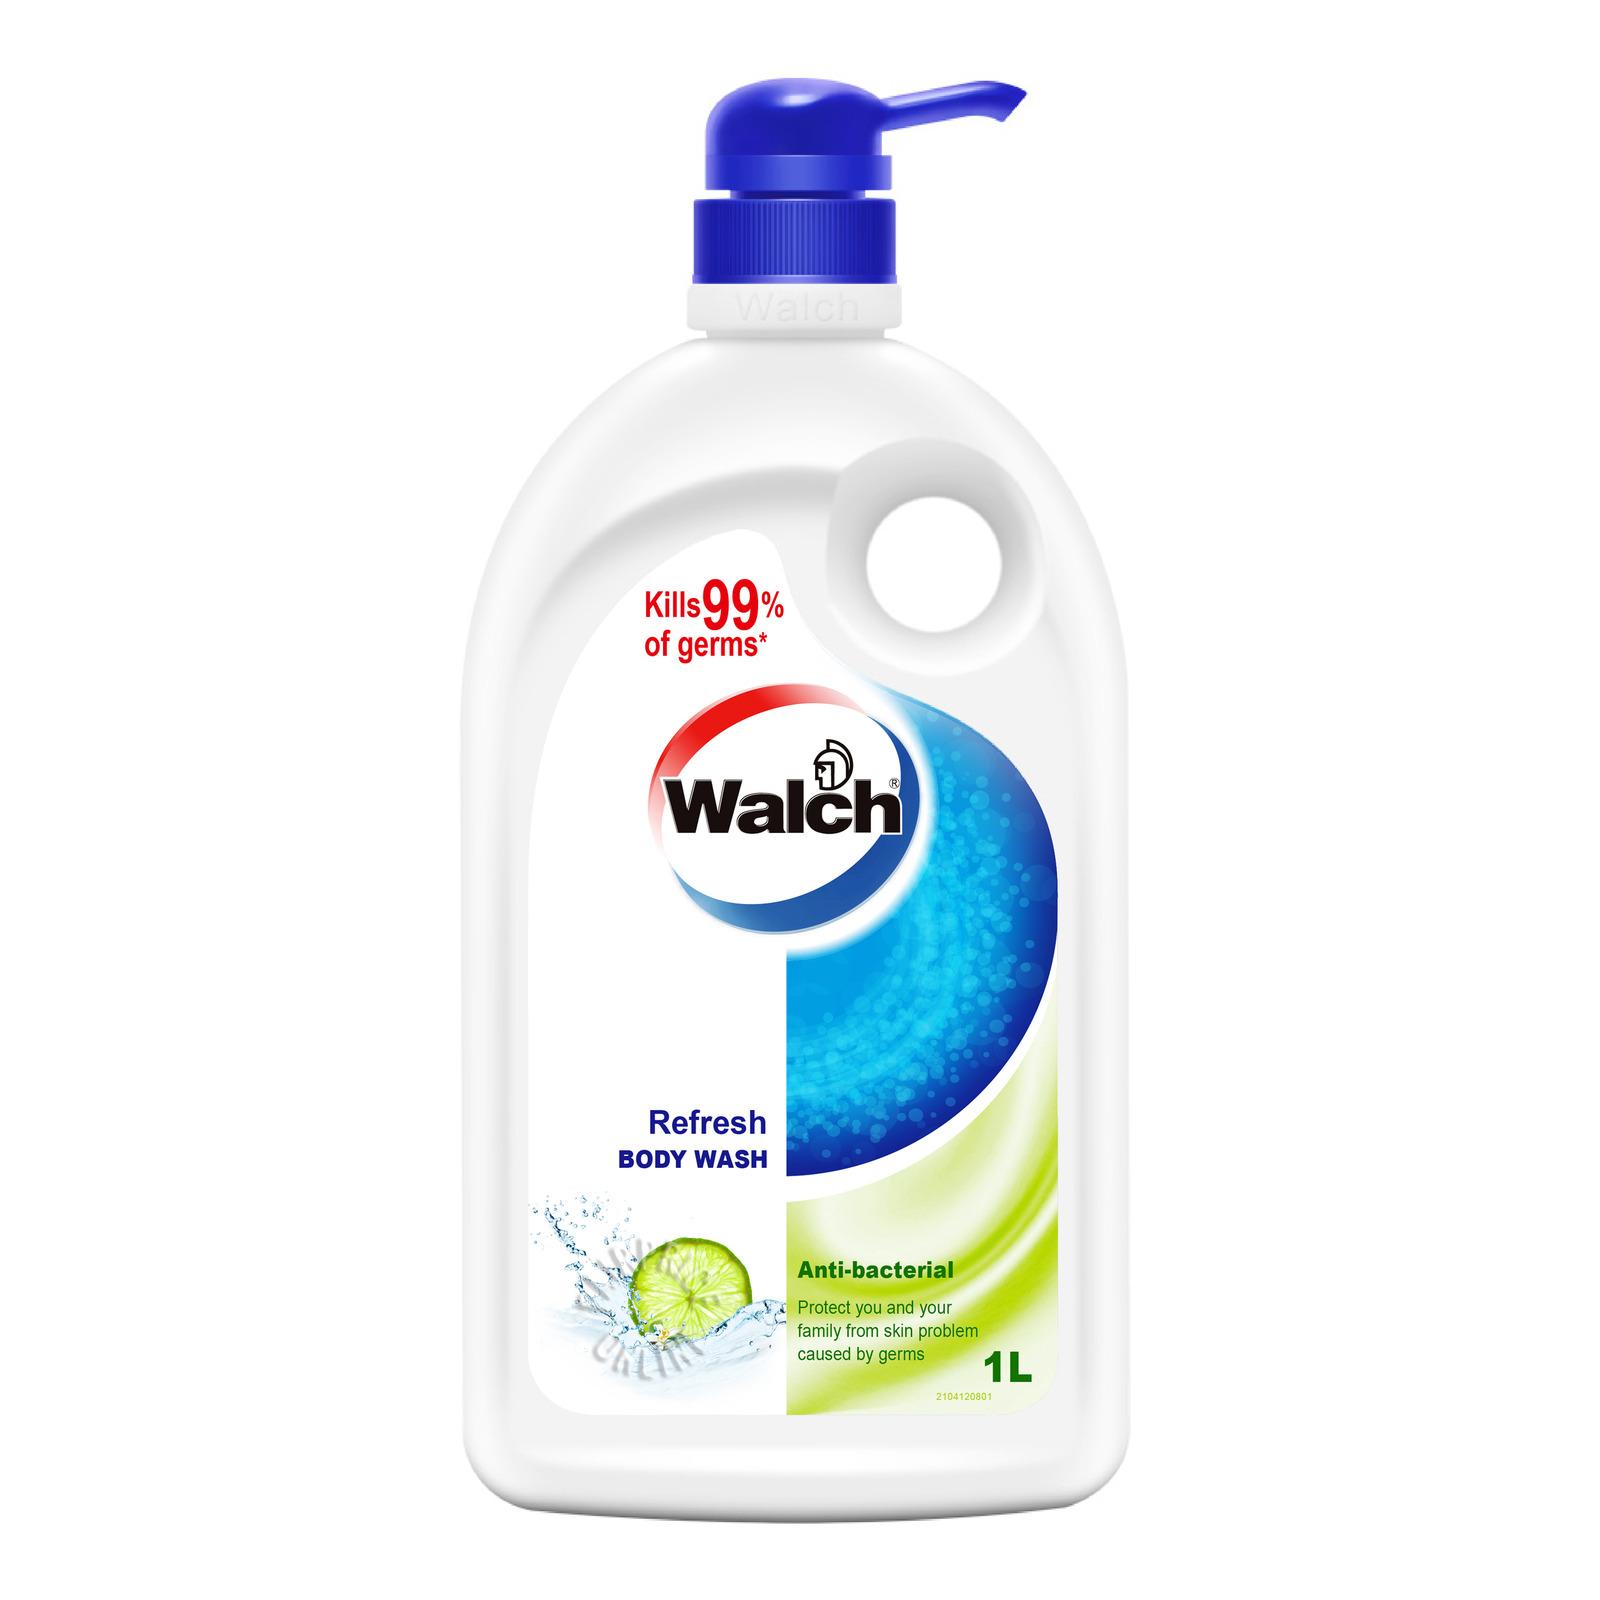 Walch Anti-bacterial Body Wash - Refresh